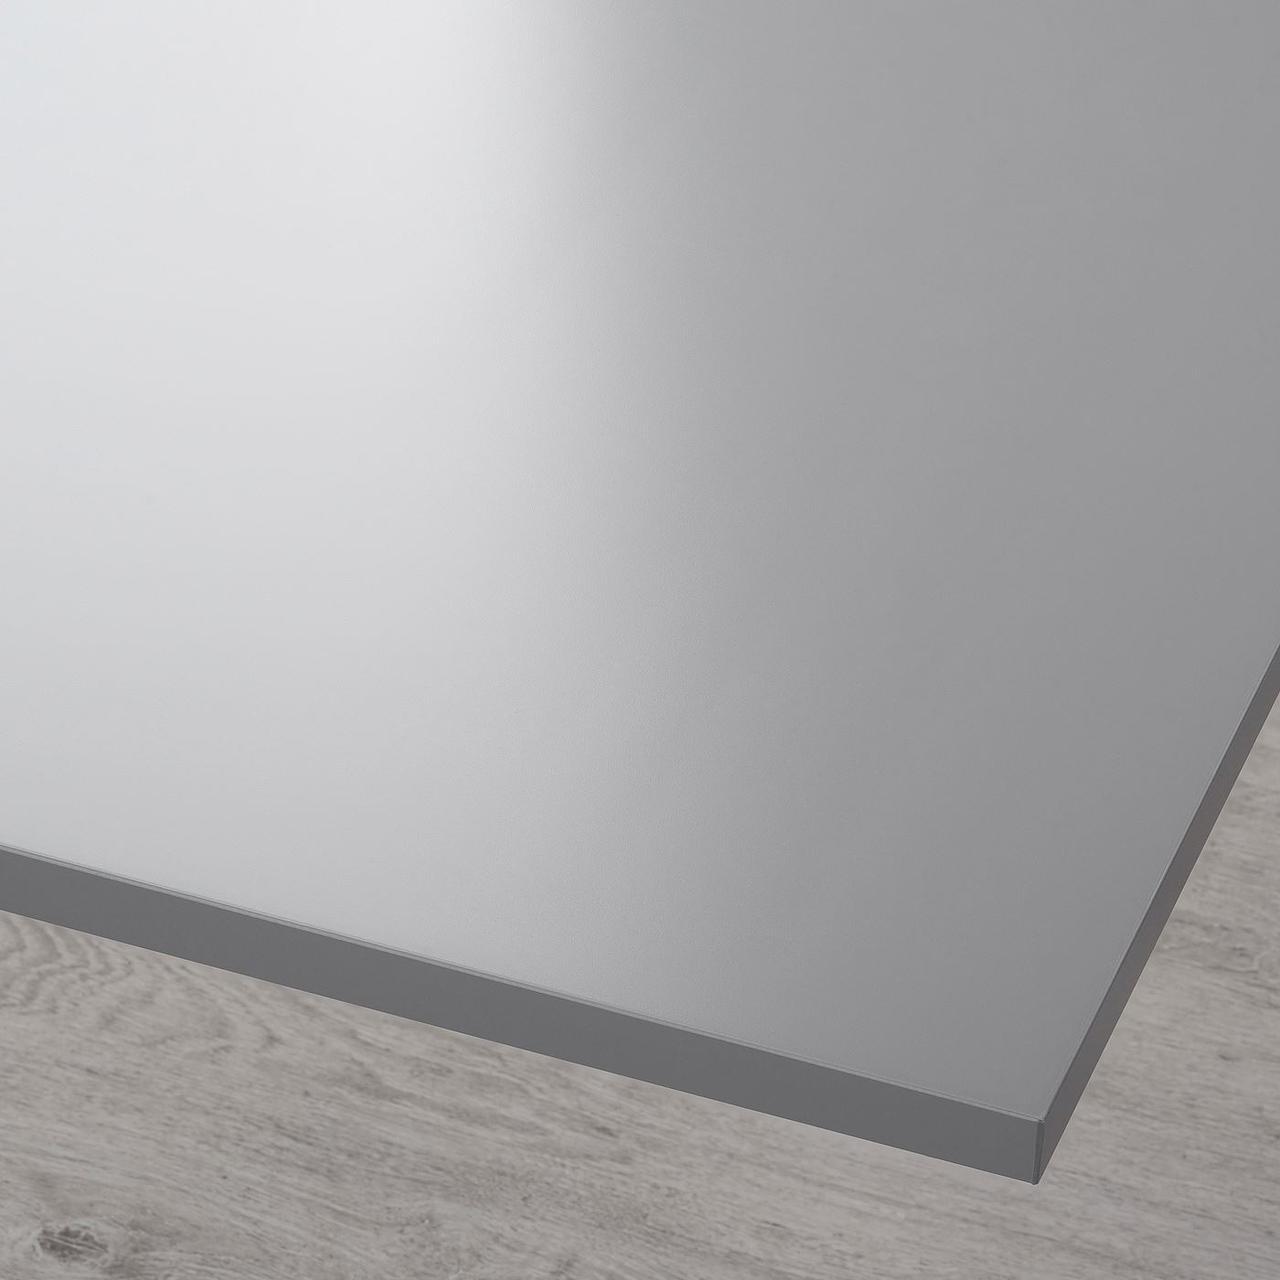 Cтолешница IKEA RODULF серая 140x80 см 504.643.04